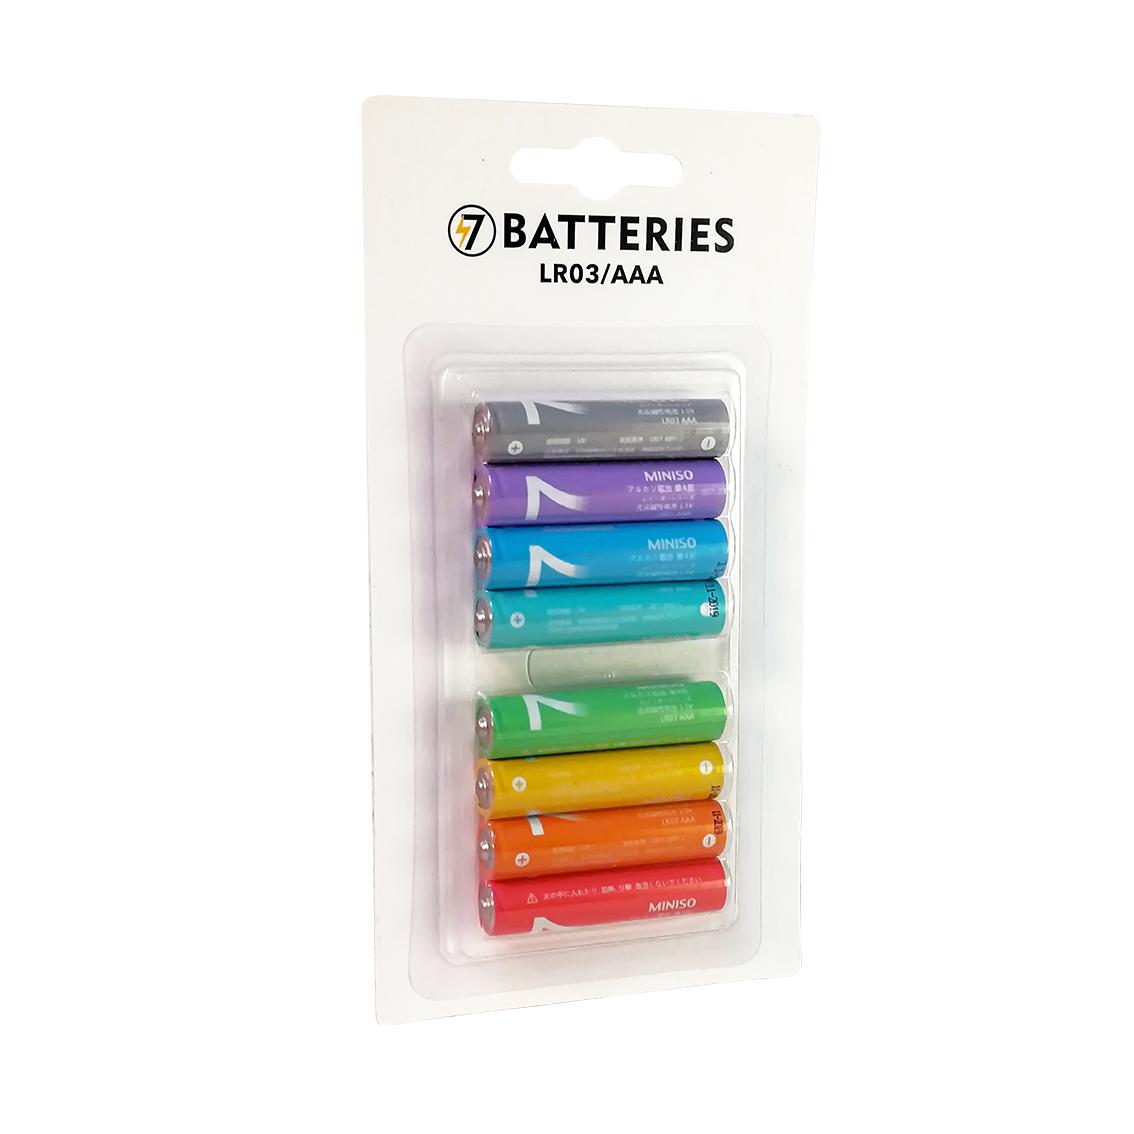 بررسی و {خرید با تخفیف} باتری نیم قلمی مدل LR03 بسته 8 عددی اصل